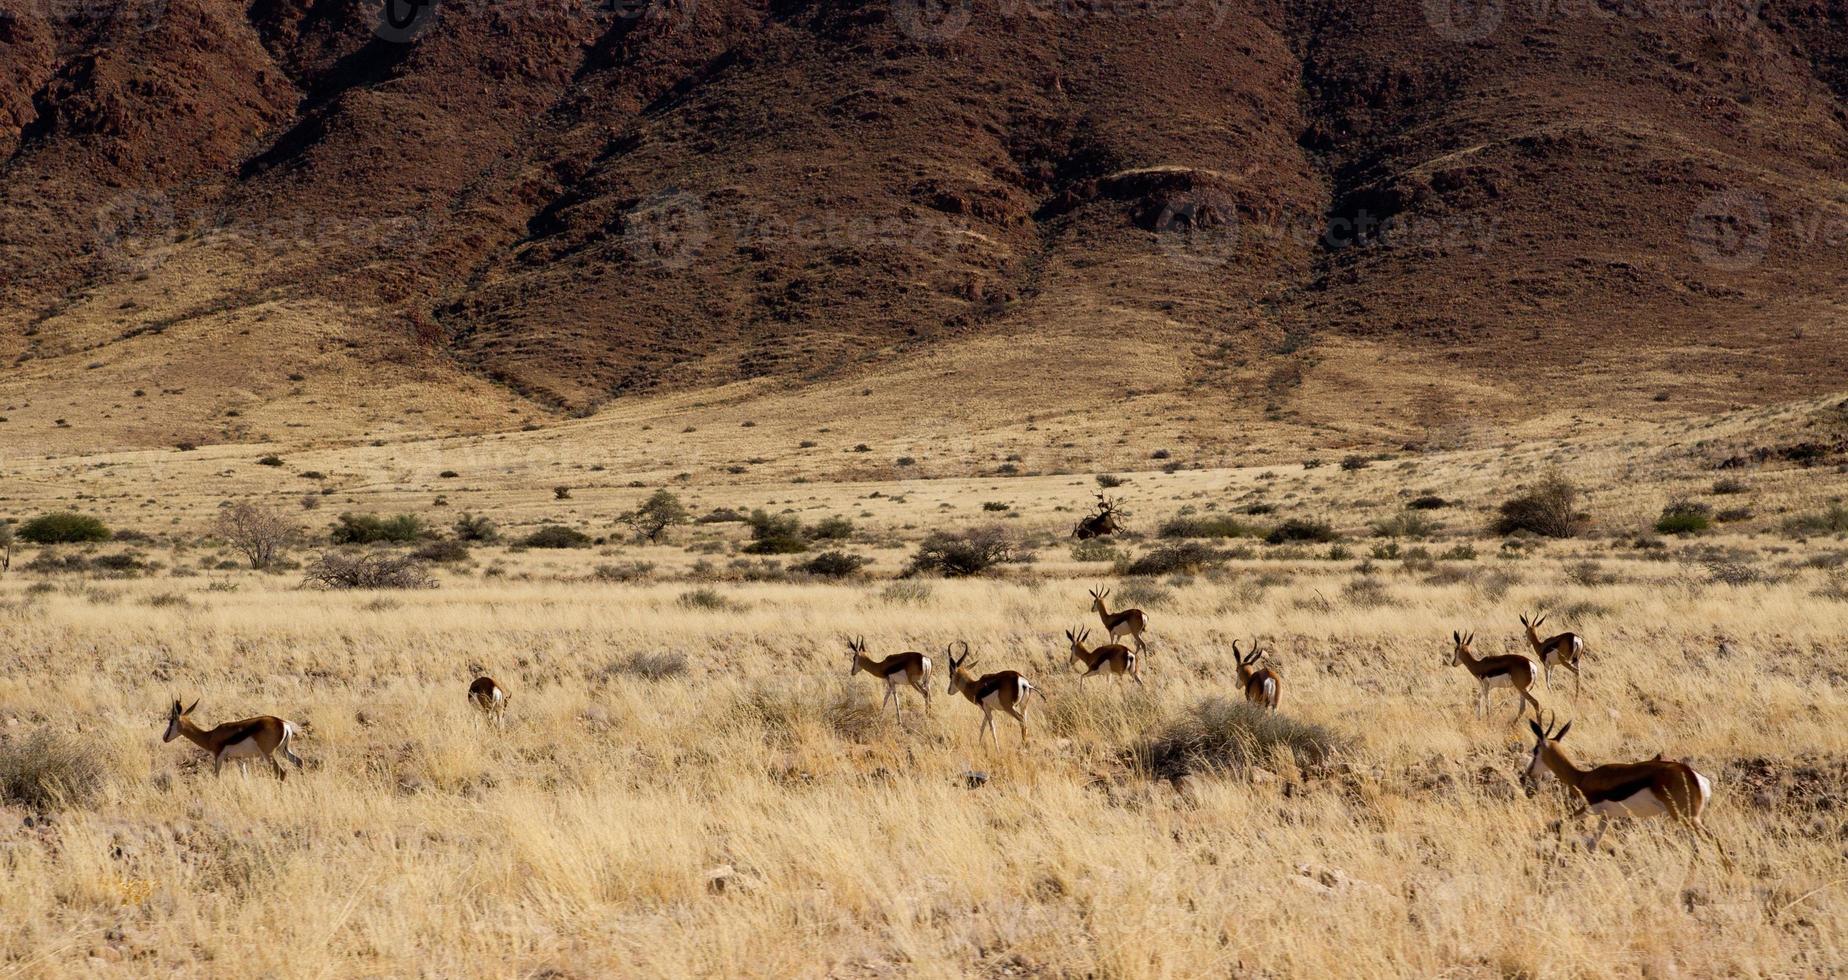 Springboks photo